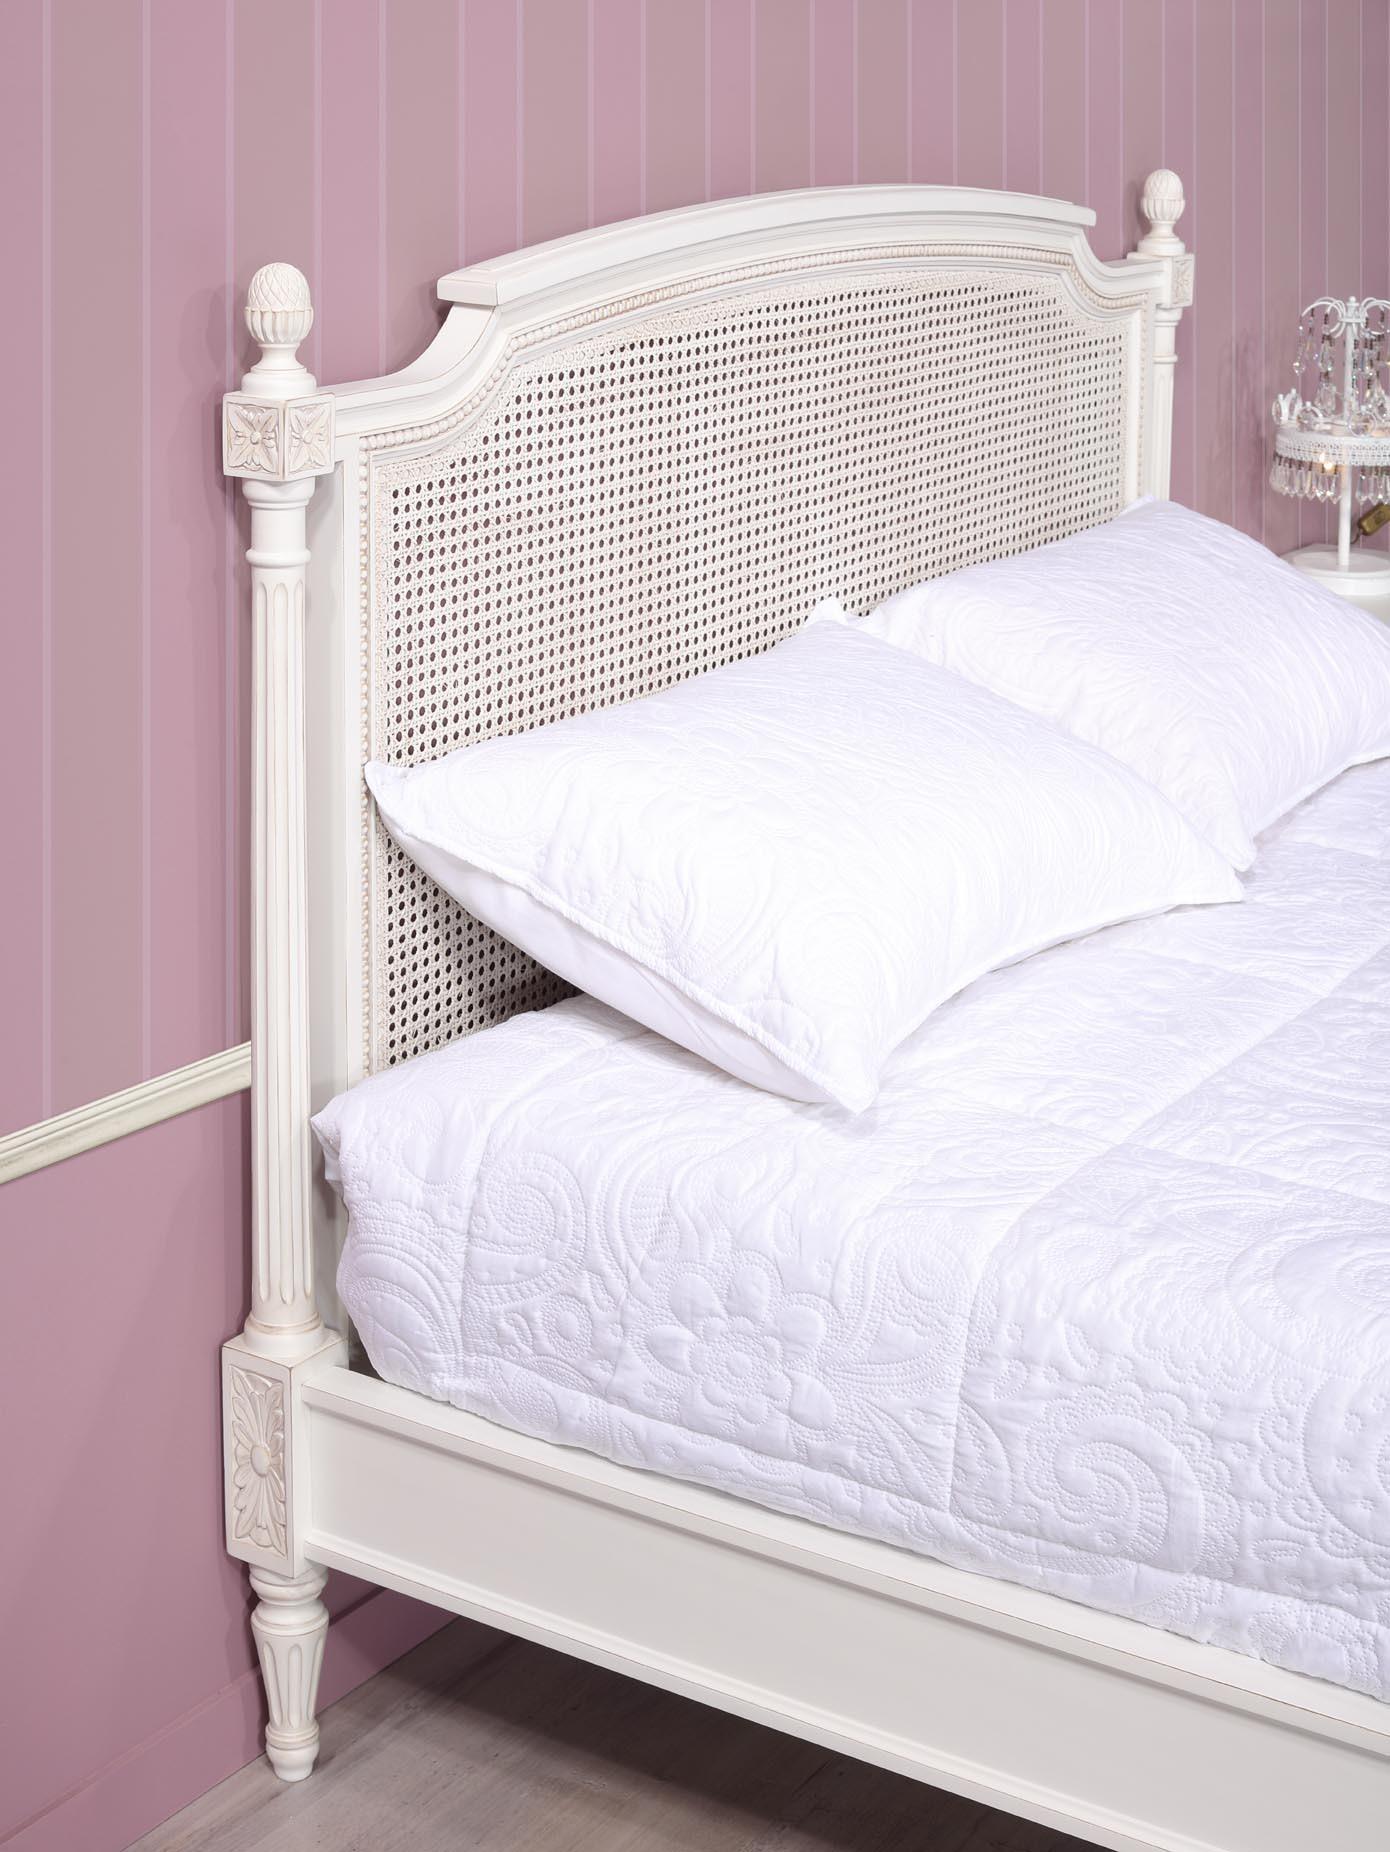 lit victoire en merisier de style louis xvi t te de lit cann e meuble en merisier massif. Black Bedroom Furniture Sets. Home Design Ideas